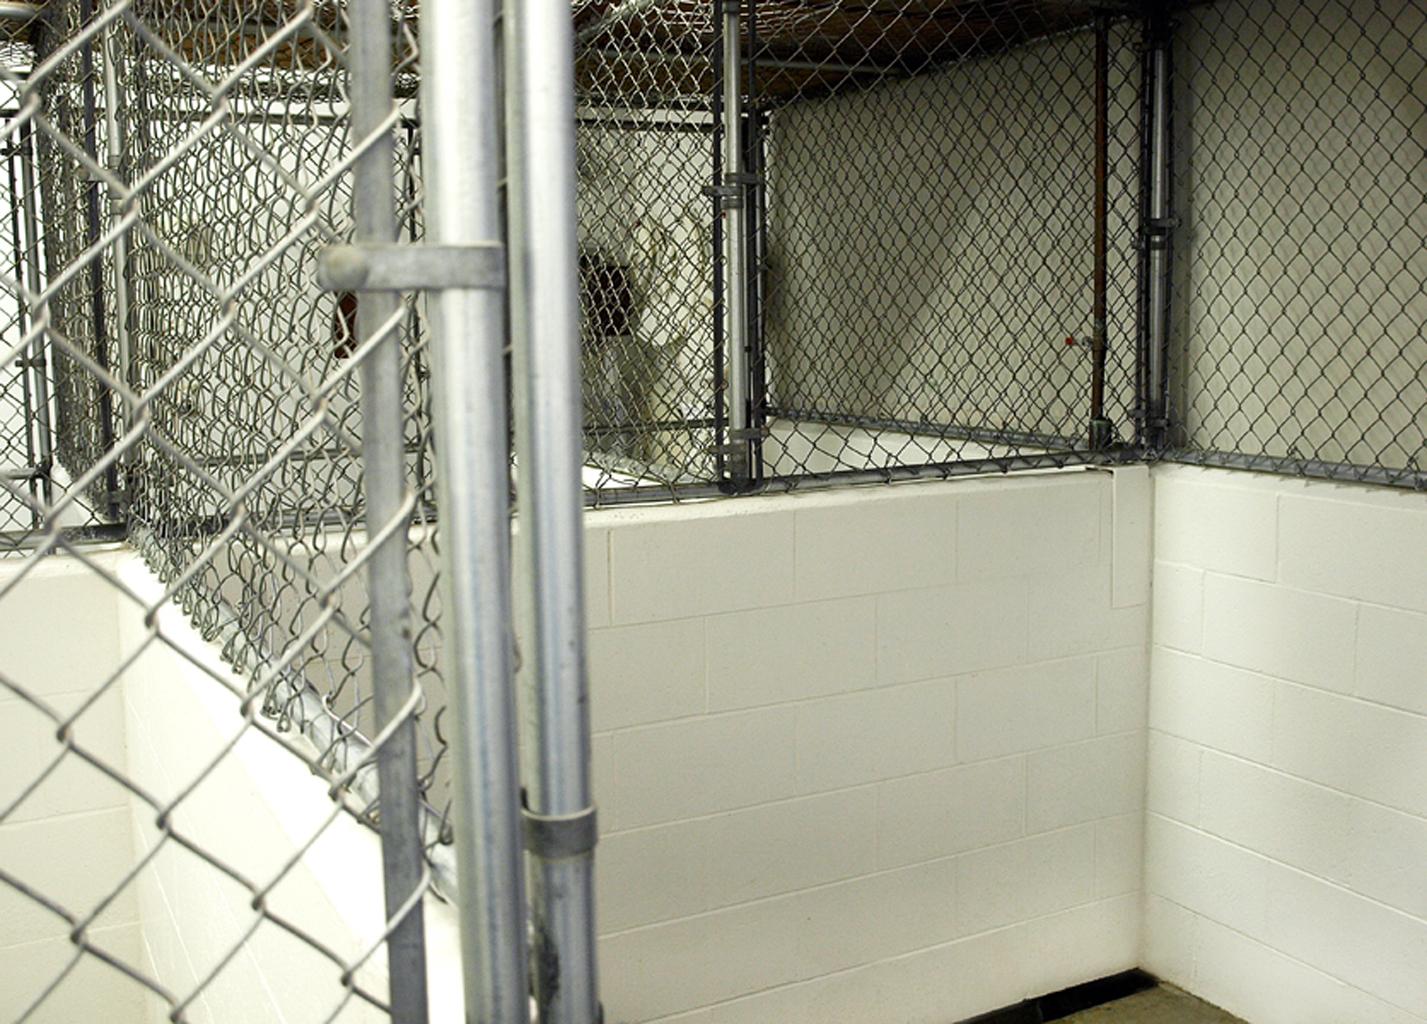 VCA Big Lake Animal Hospital image 6